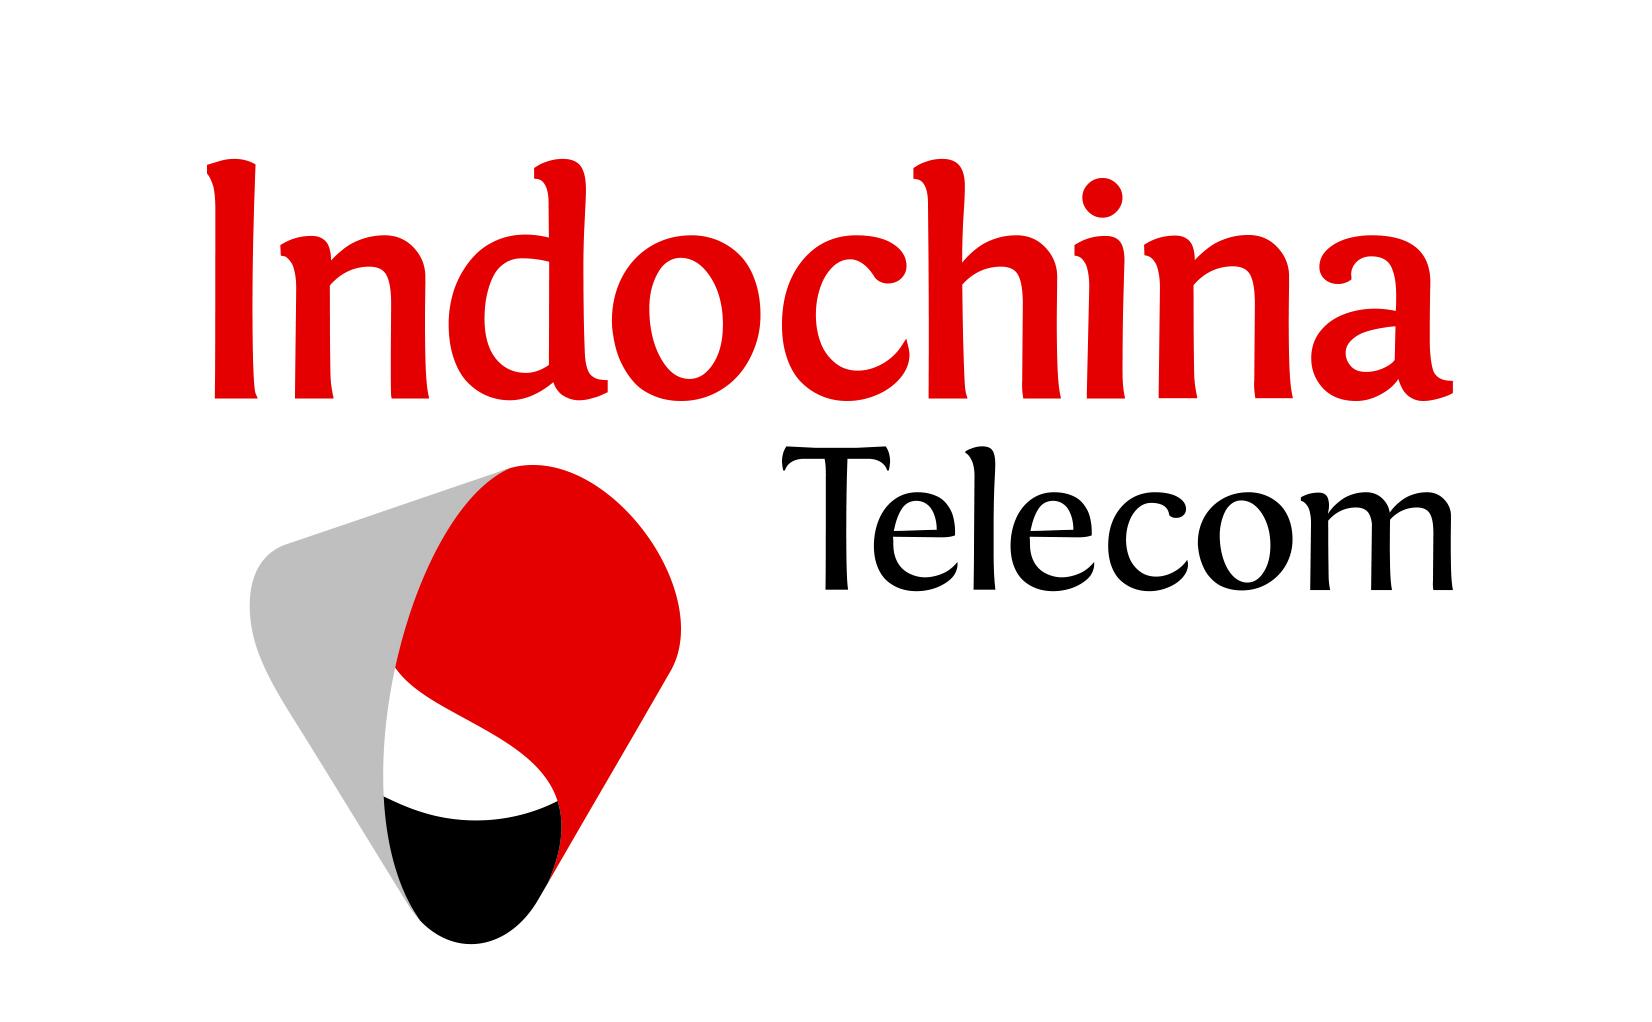 Mạng di động ITelecom ra mắt, dùng đầu số 087, gói cước 77k/tháng nhiều ưu  đãi   Tinh tế